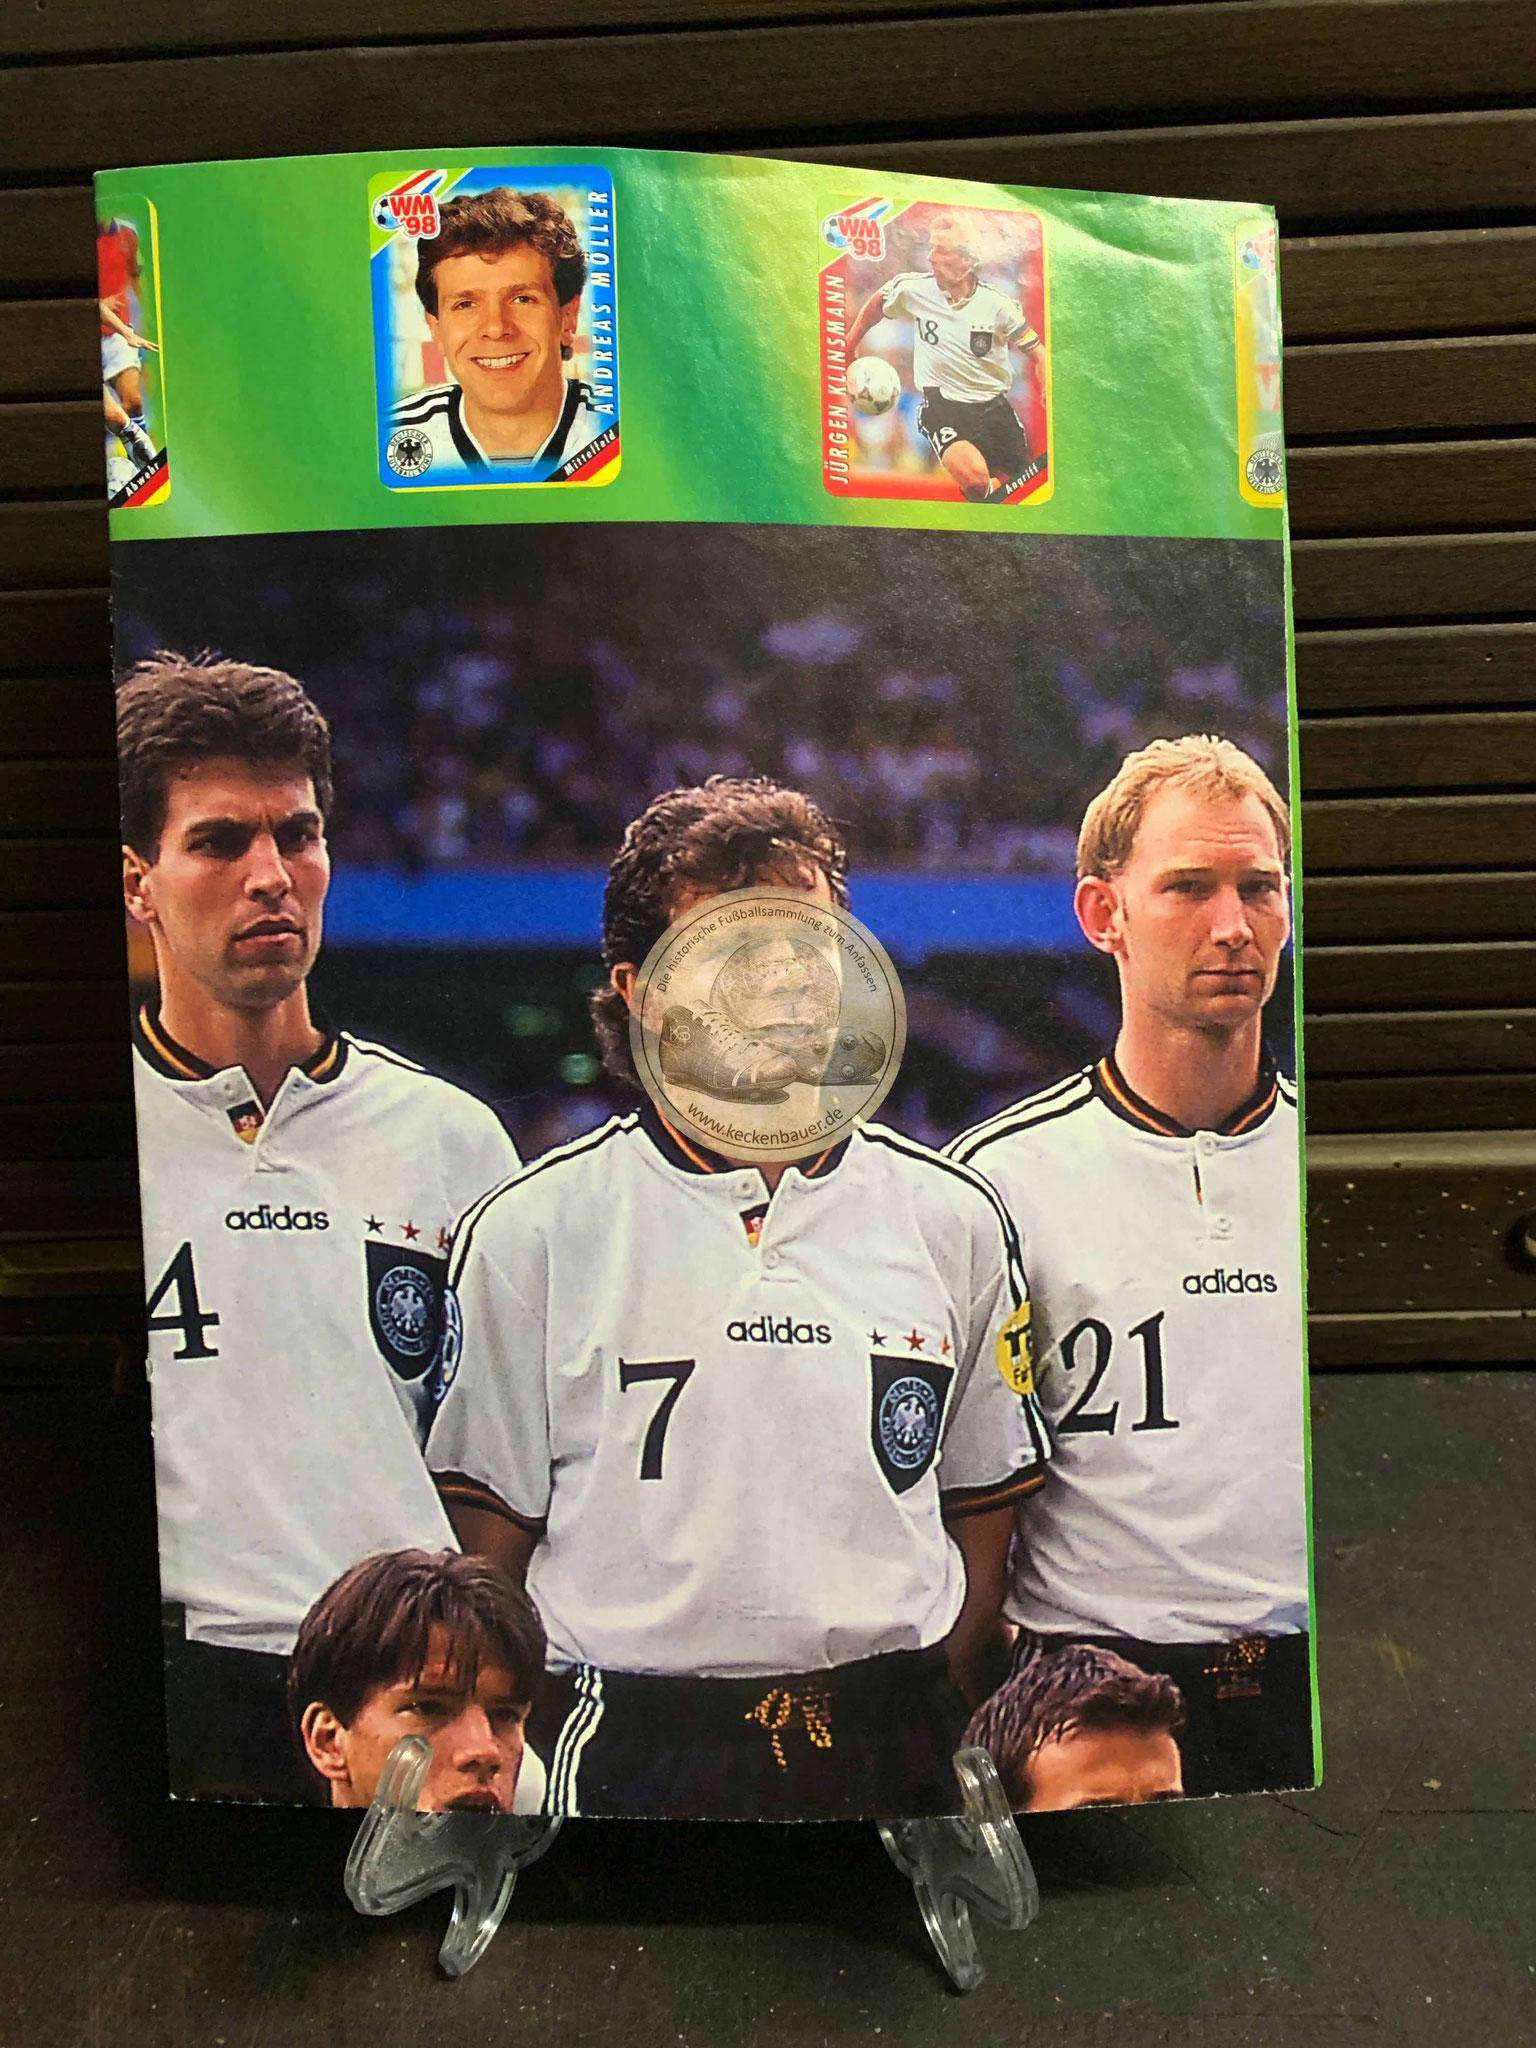 Sammelposter Fußball EM 1996 von Ferrero